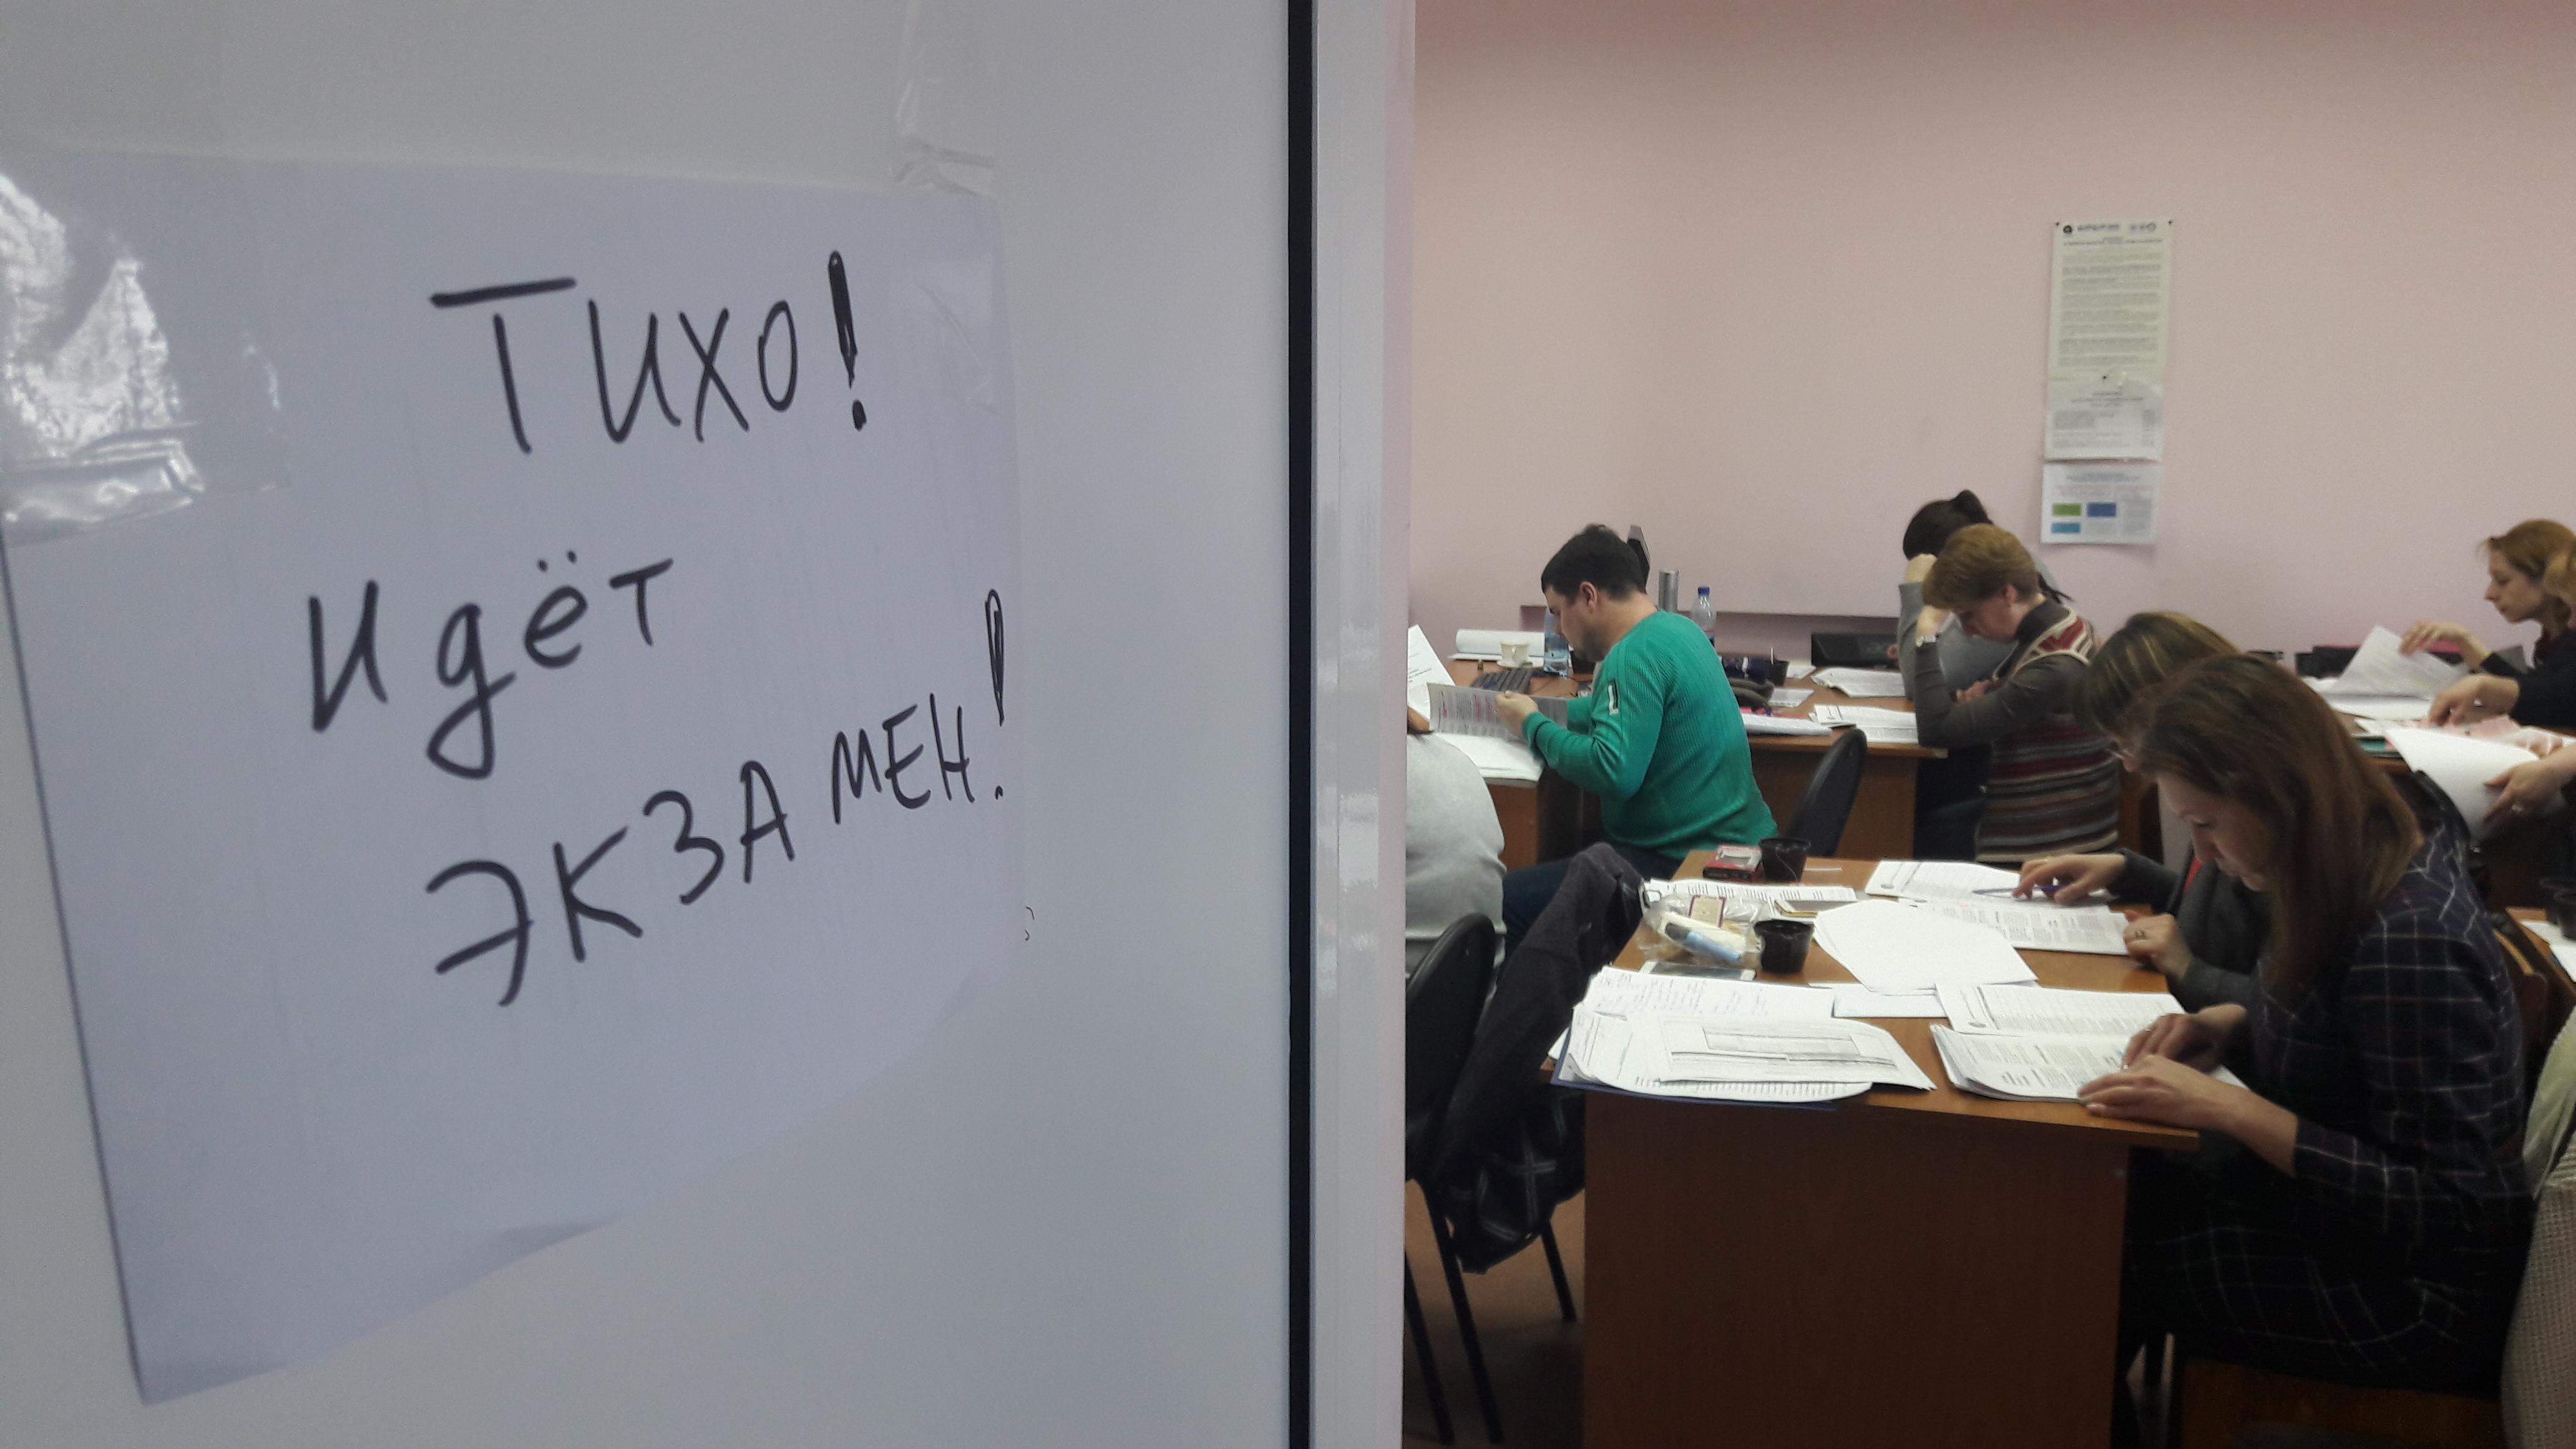 Тест по итогам семинара (Каменск-Уральский металлургический завод)